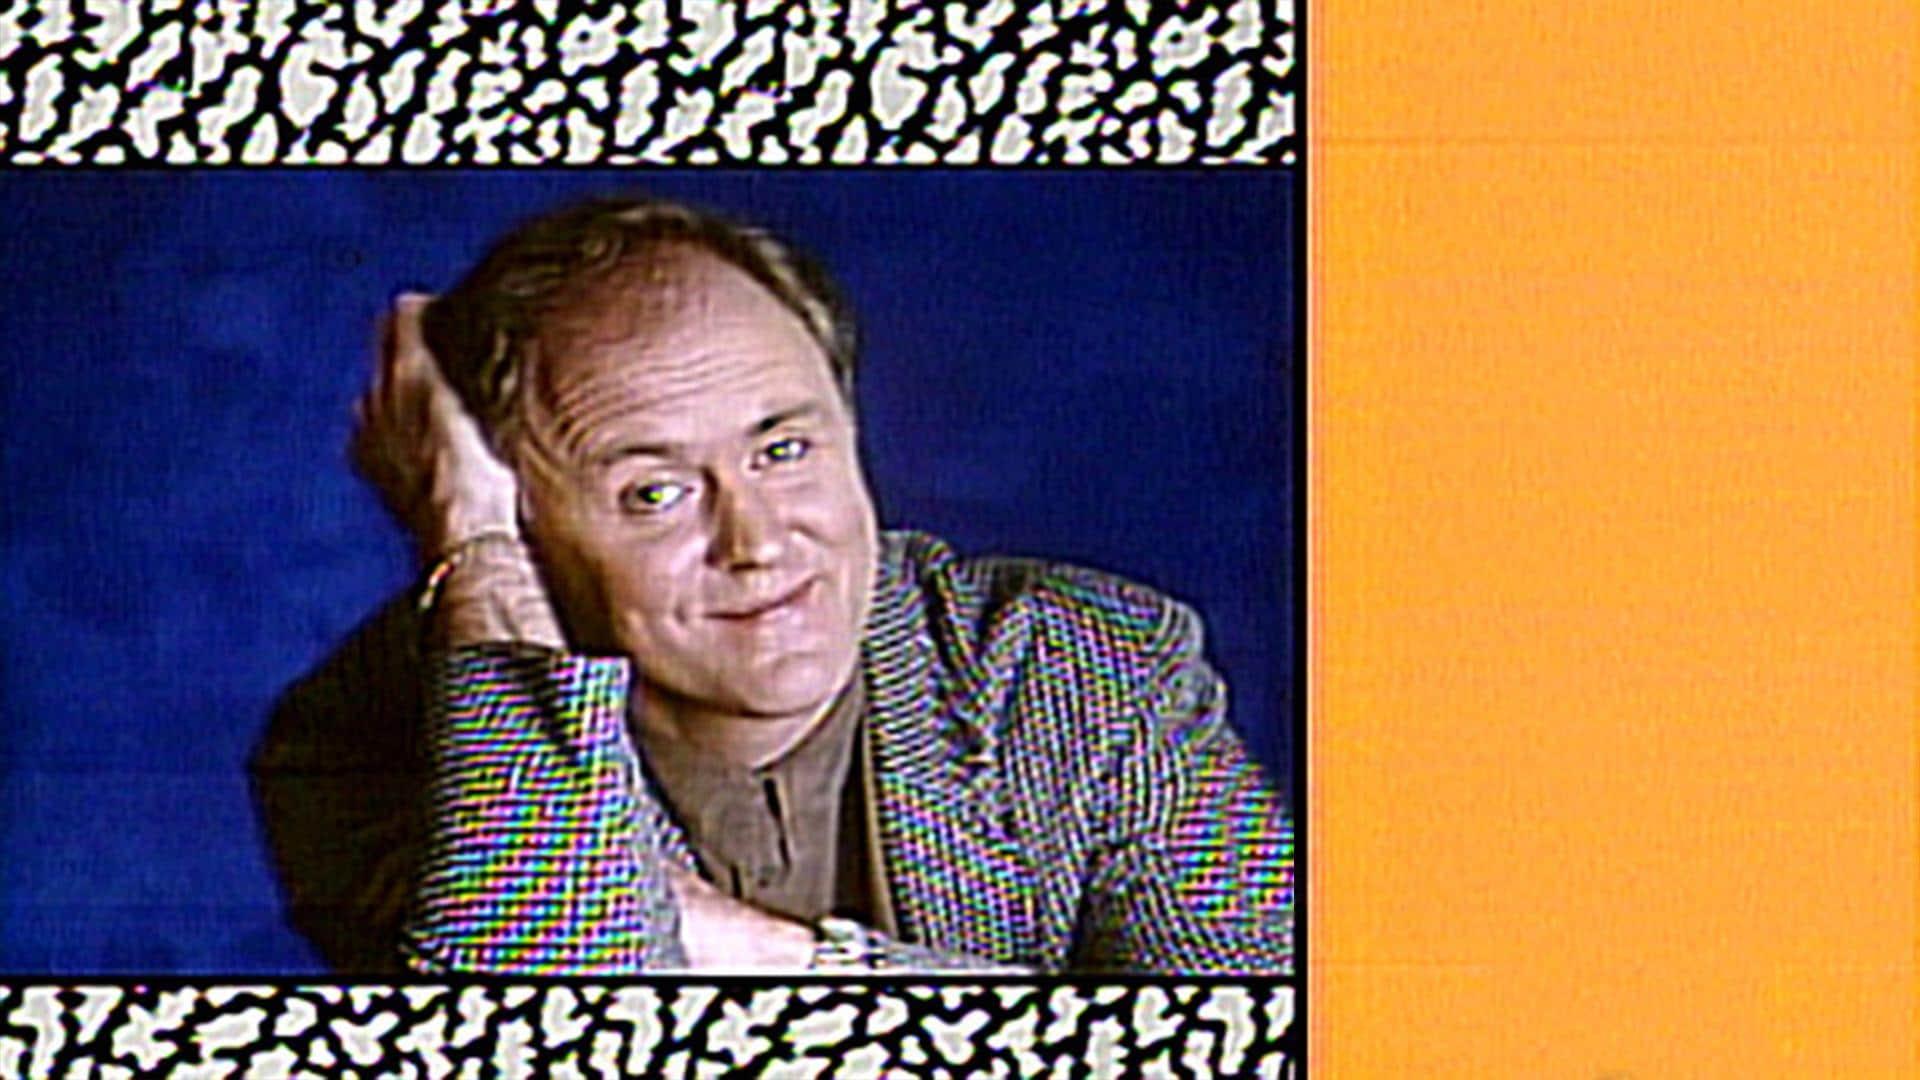 John Lithgow: April 11, 1987